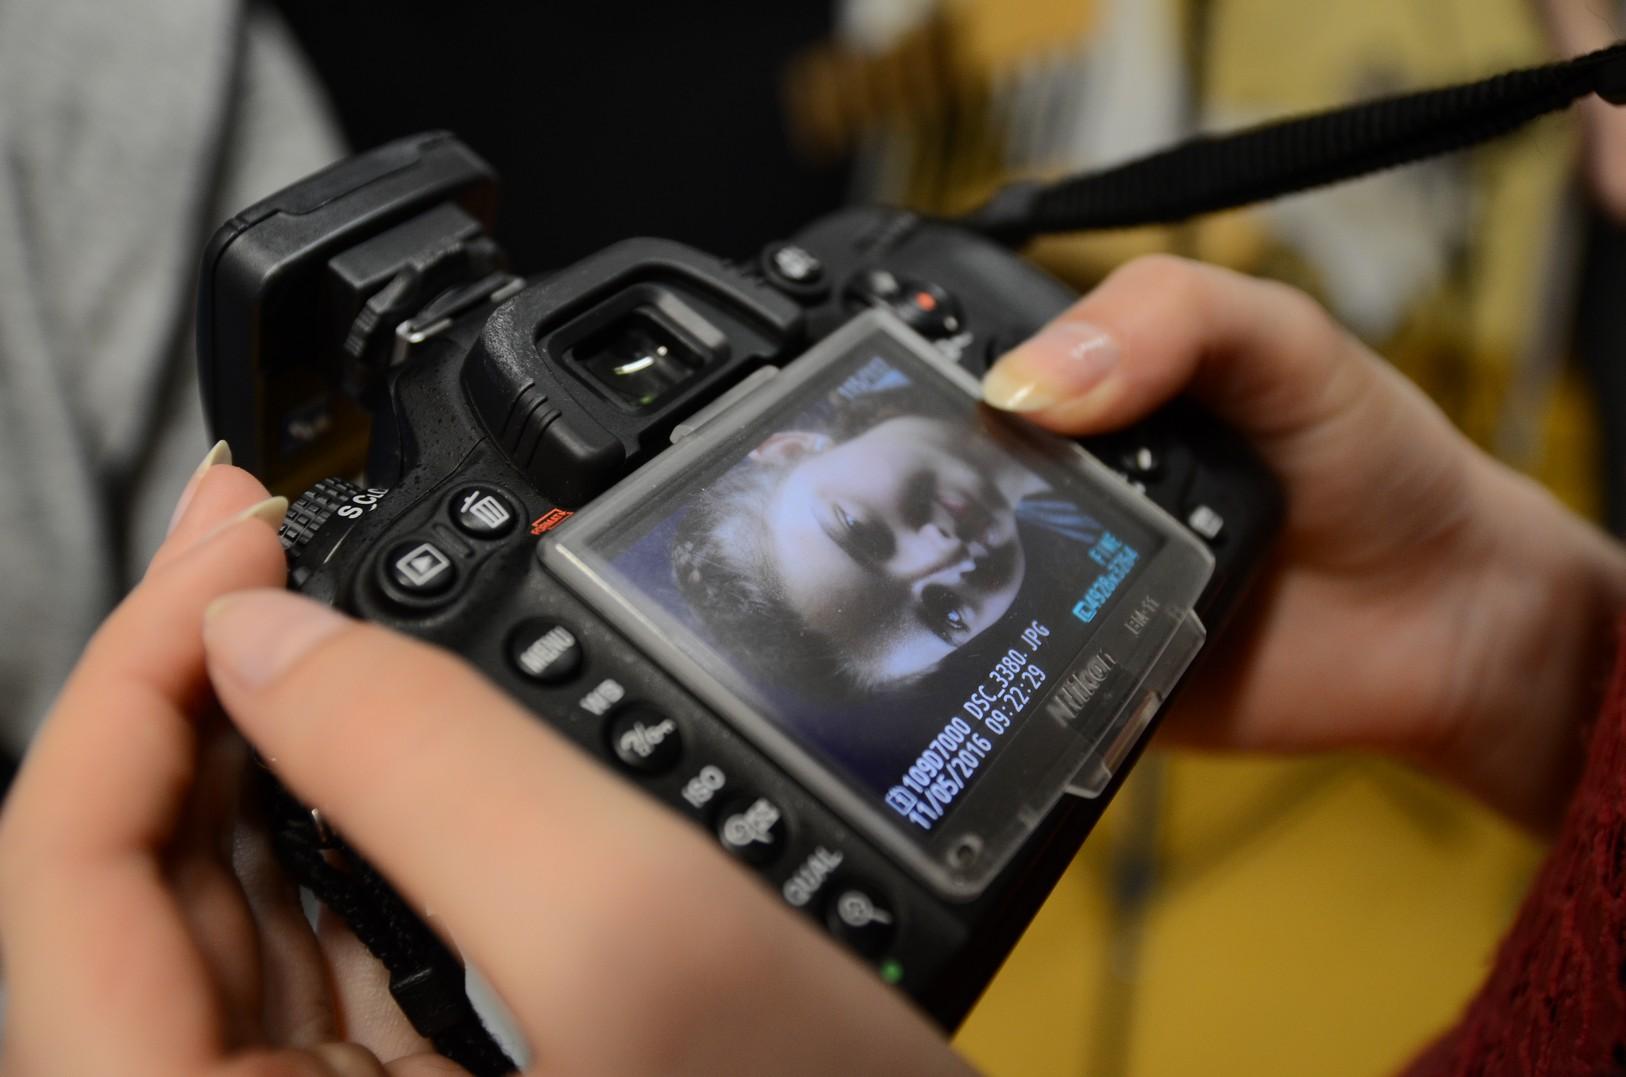 Technik fotografii i multimediów | Technikum Nr 1 w Zamościu